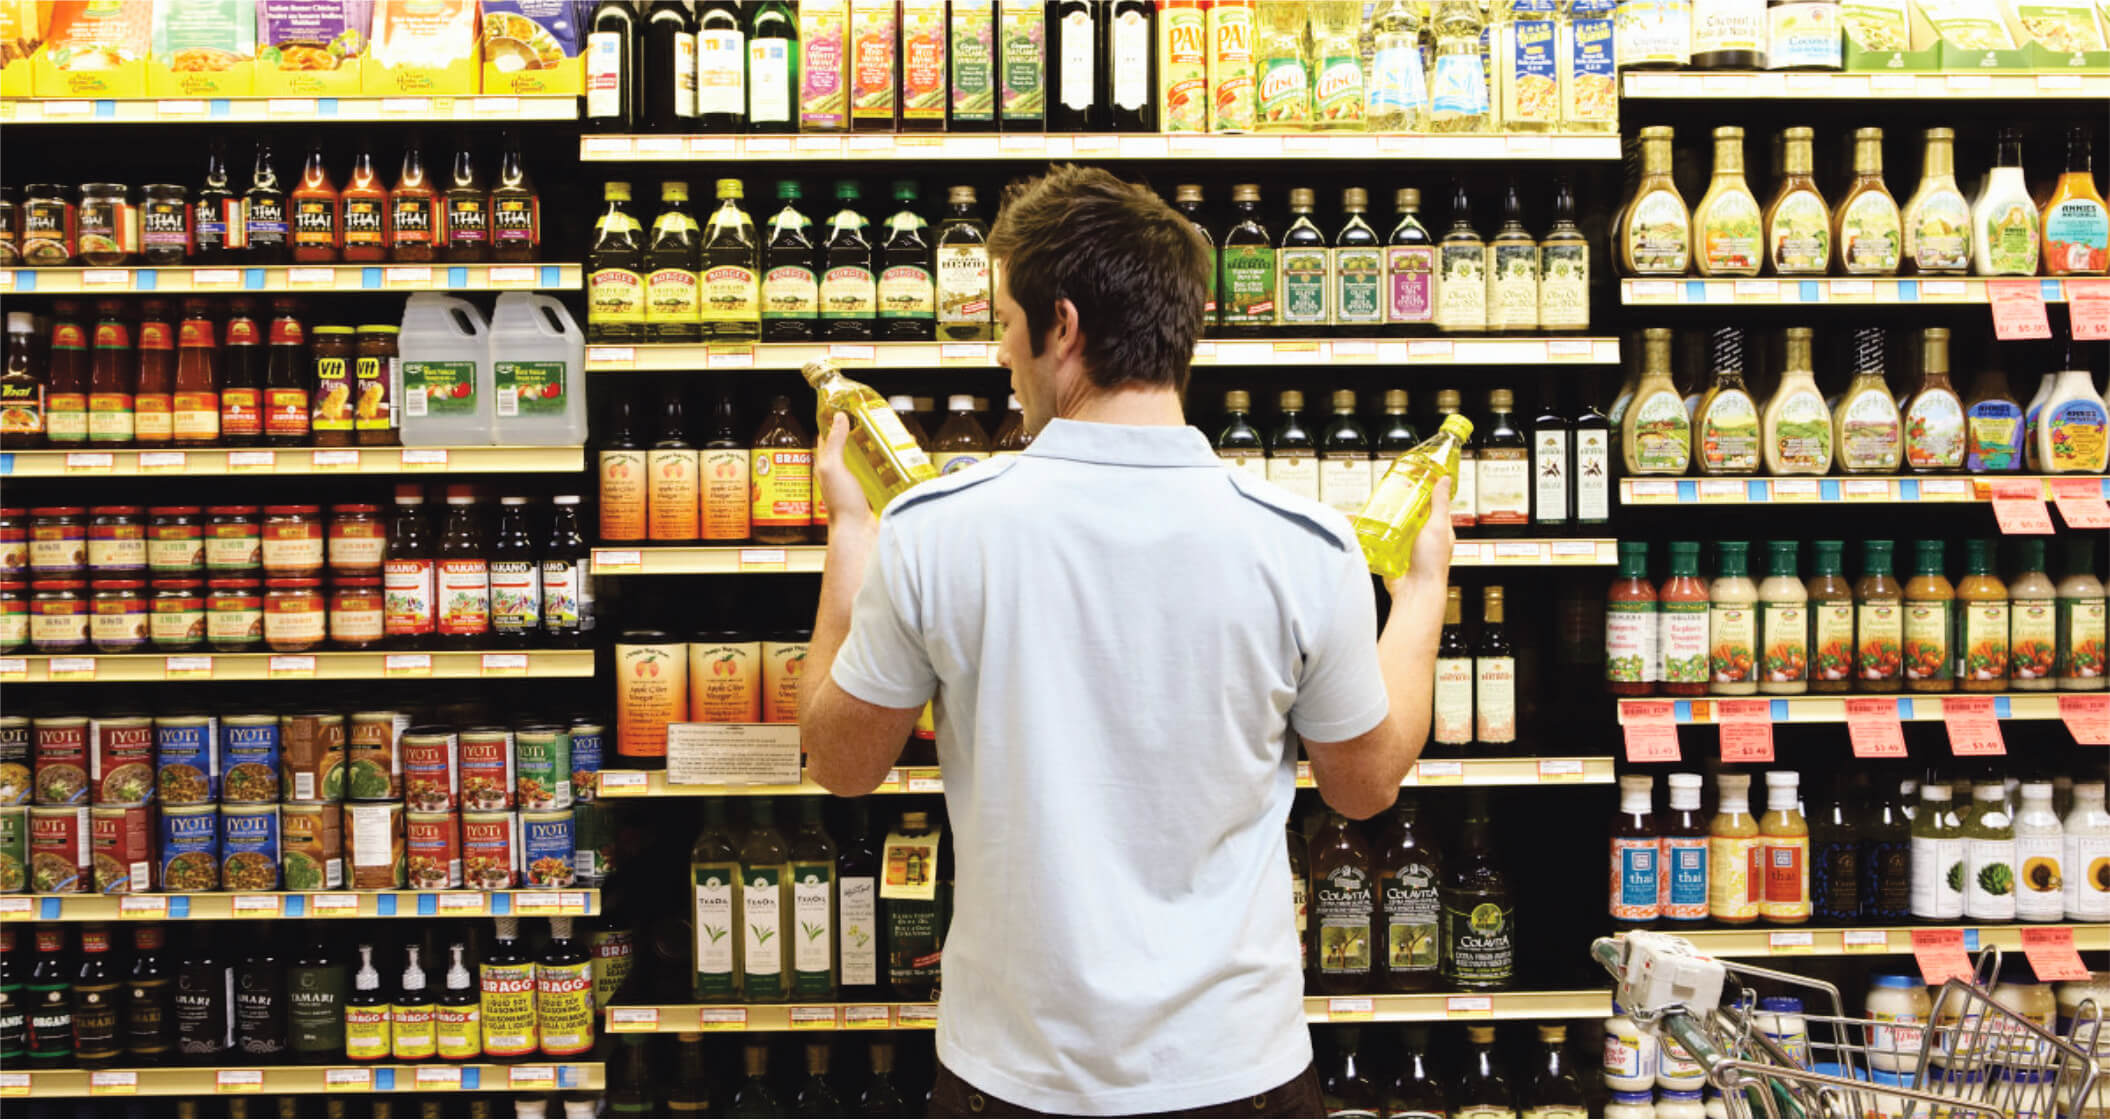 Aprenda a ler rótulos de produtos! Fique atento, pois produtos de consumo também podem matar!